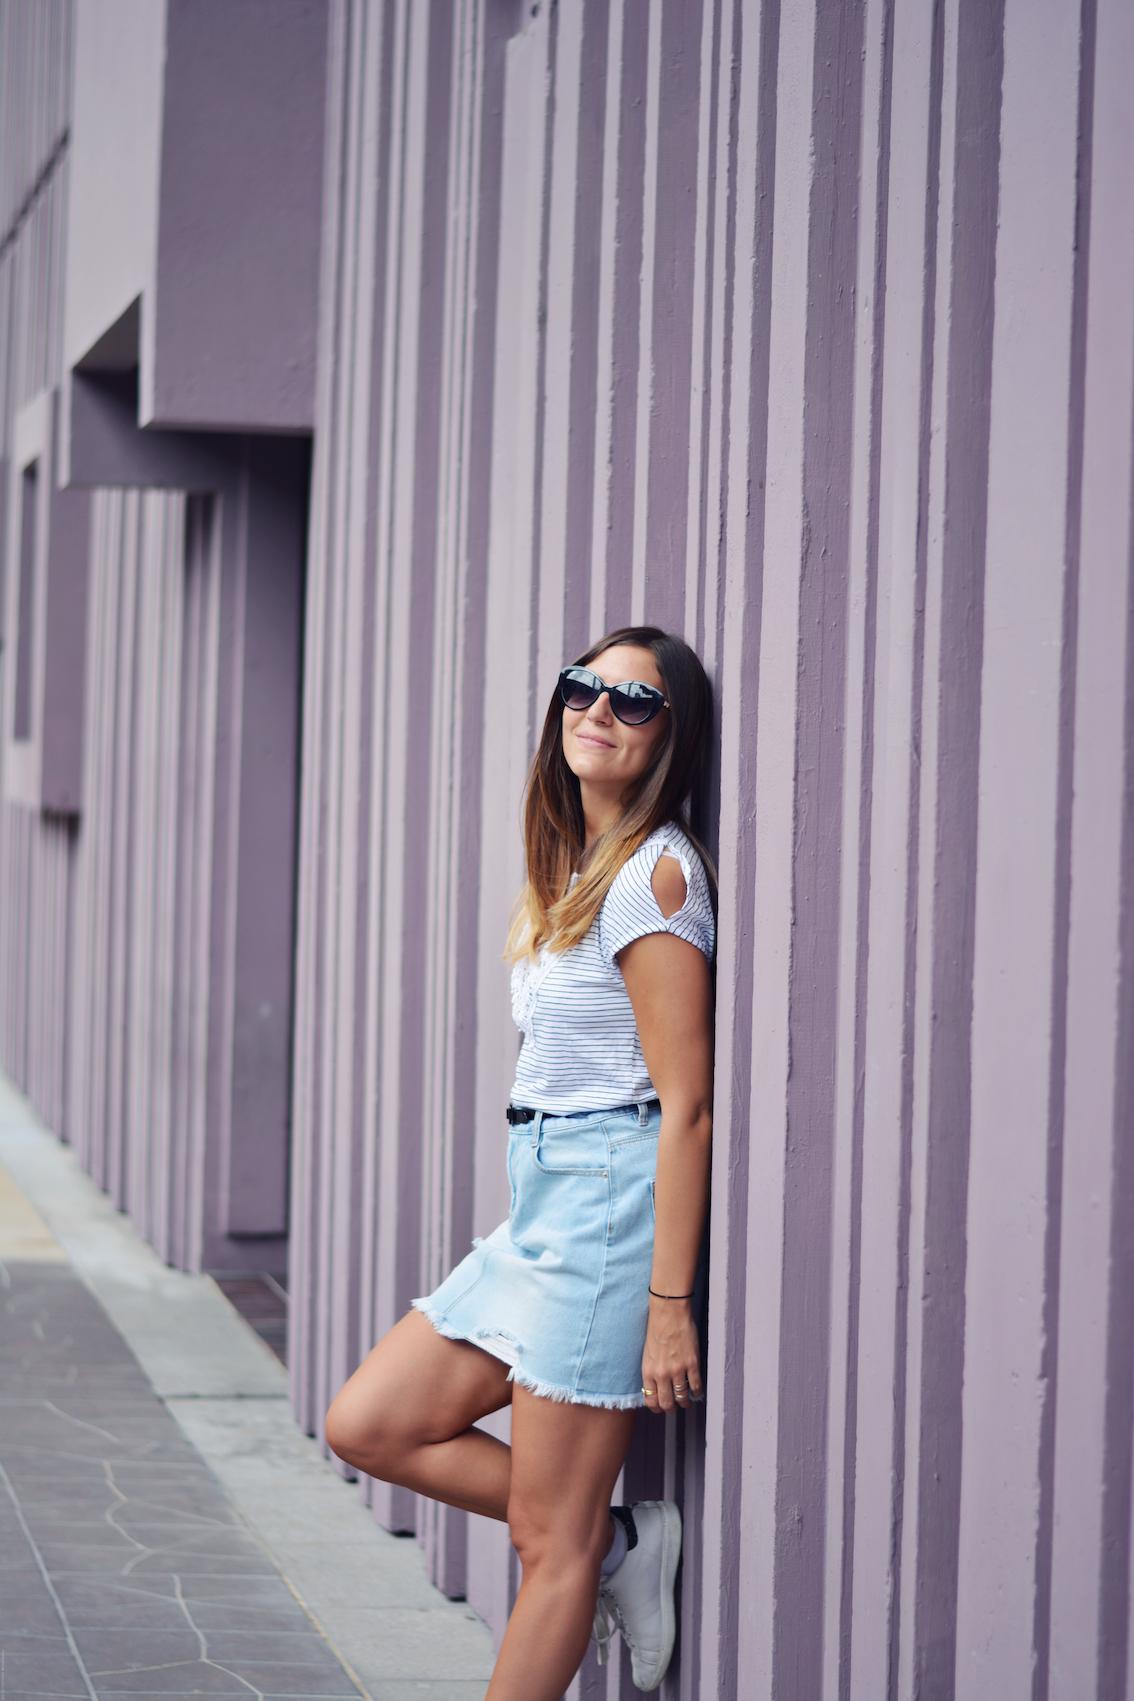 comment porter les lunettes xxl blog mode paris les caprices diris